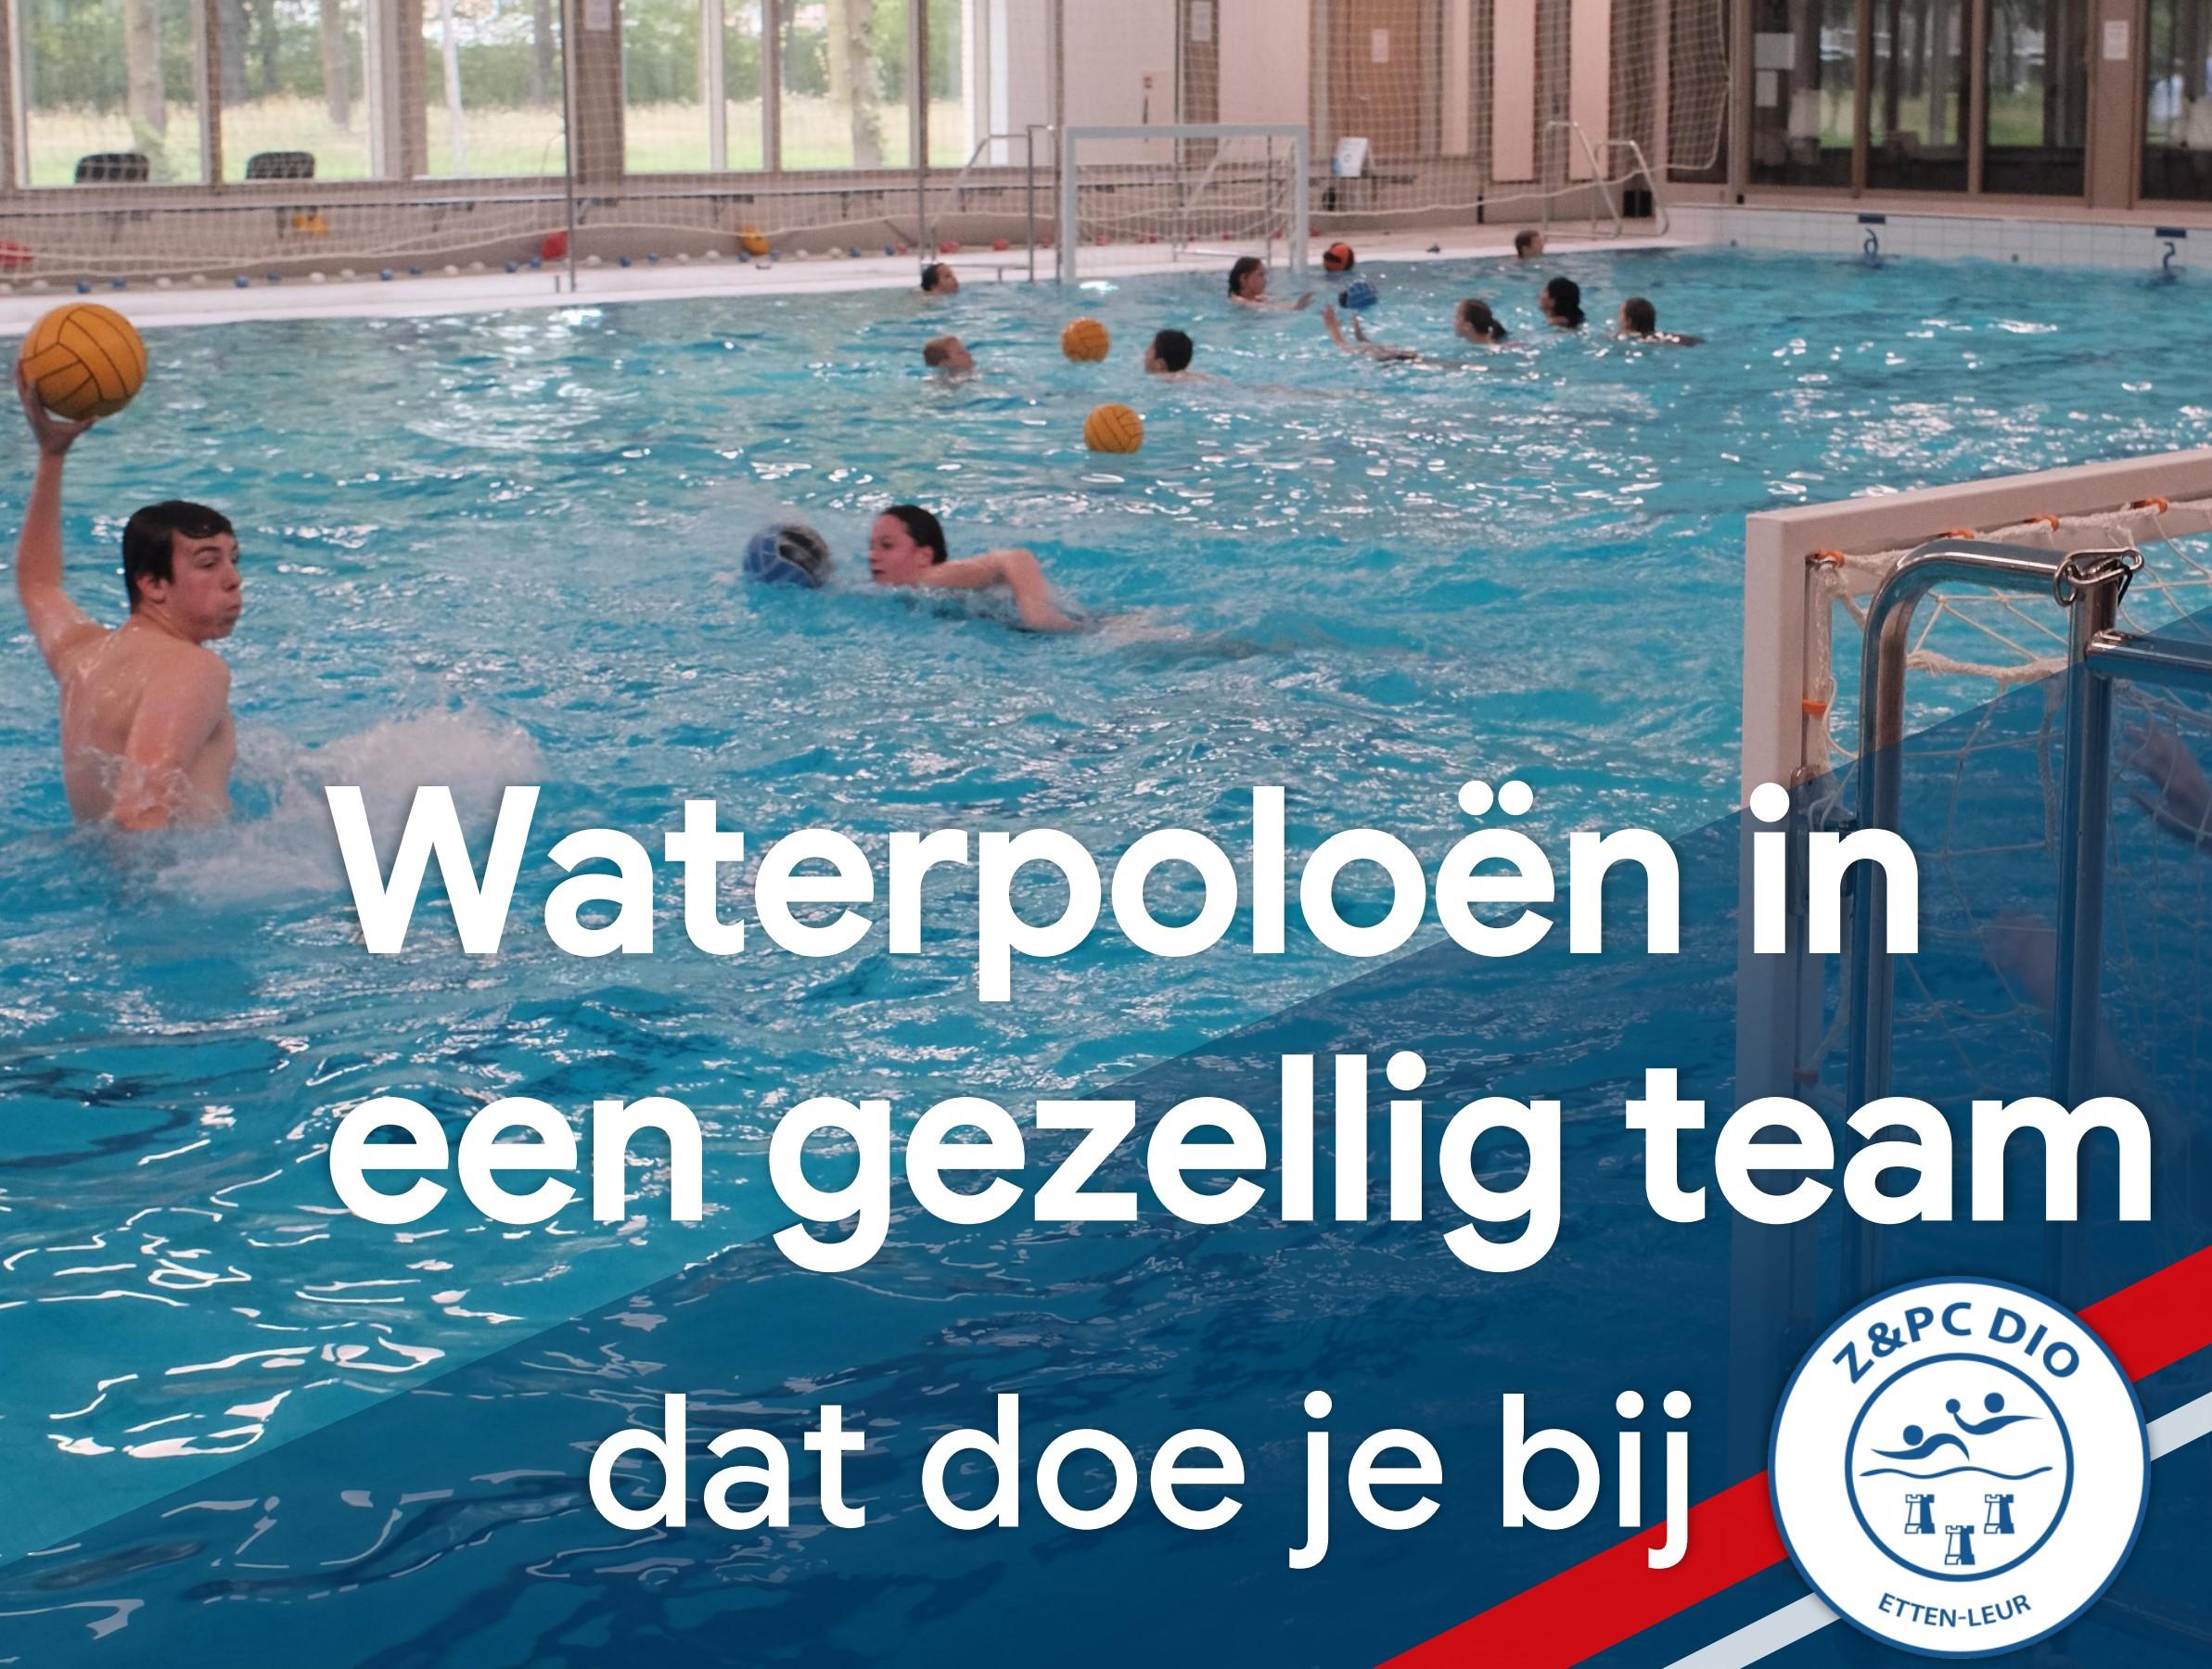 https://dioweb.nl/wp-content/uploads/2021/07/Waterpoloen-in-een-gezellig-team.jpg